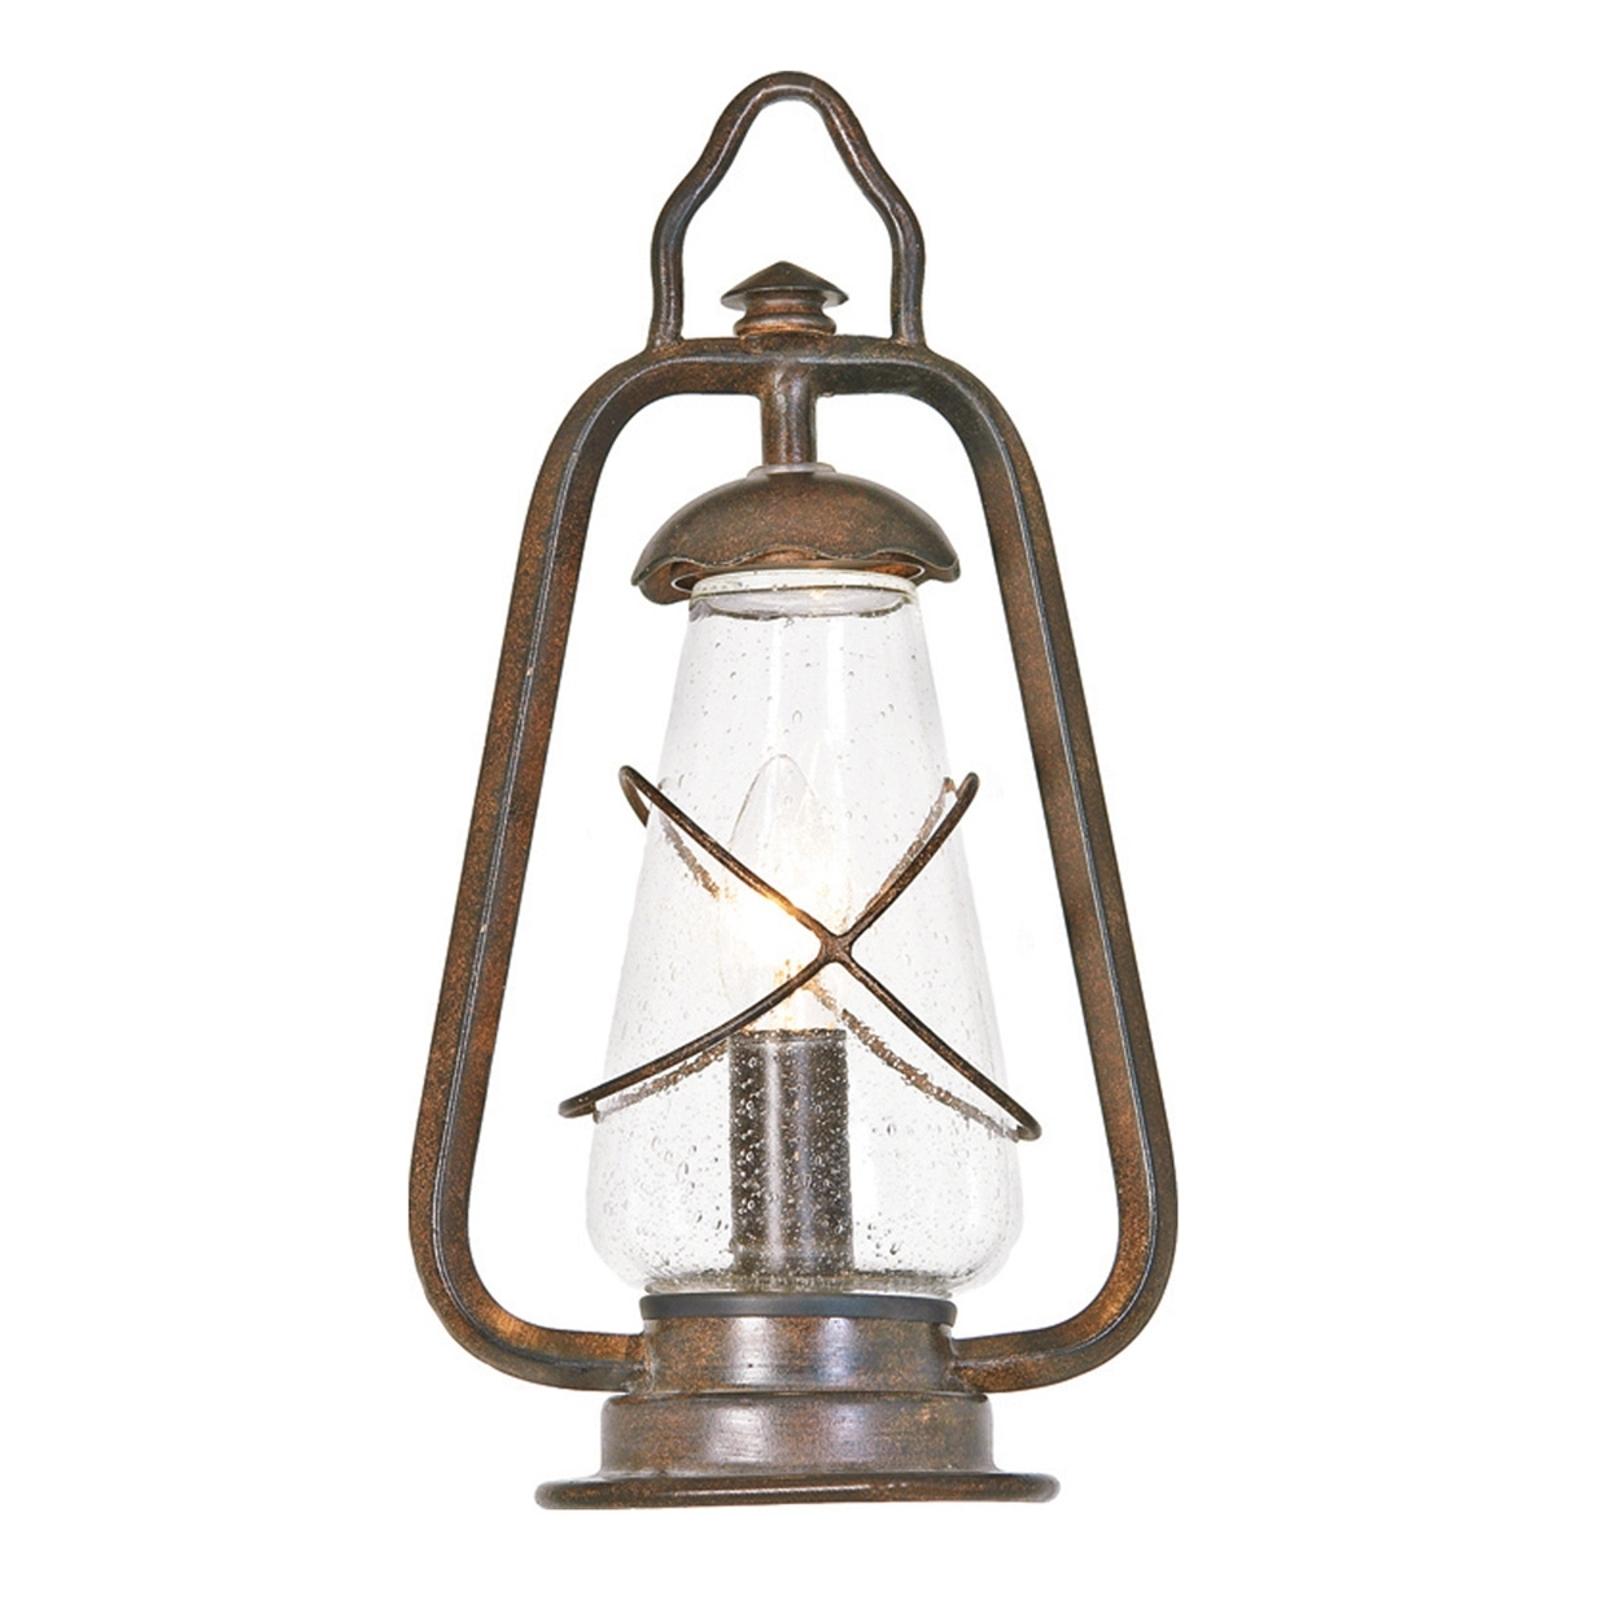 Lampa na cokół MINERS w stylu lampy górniczej